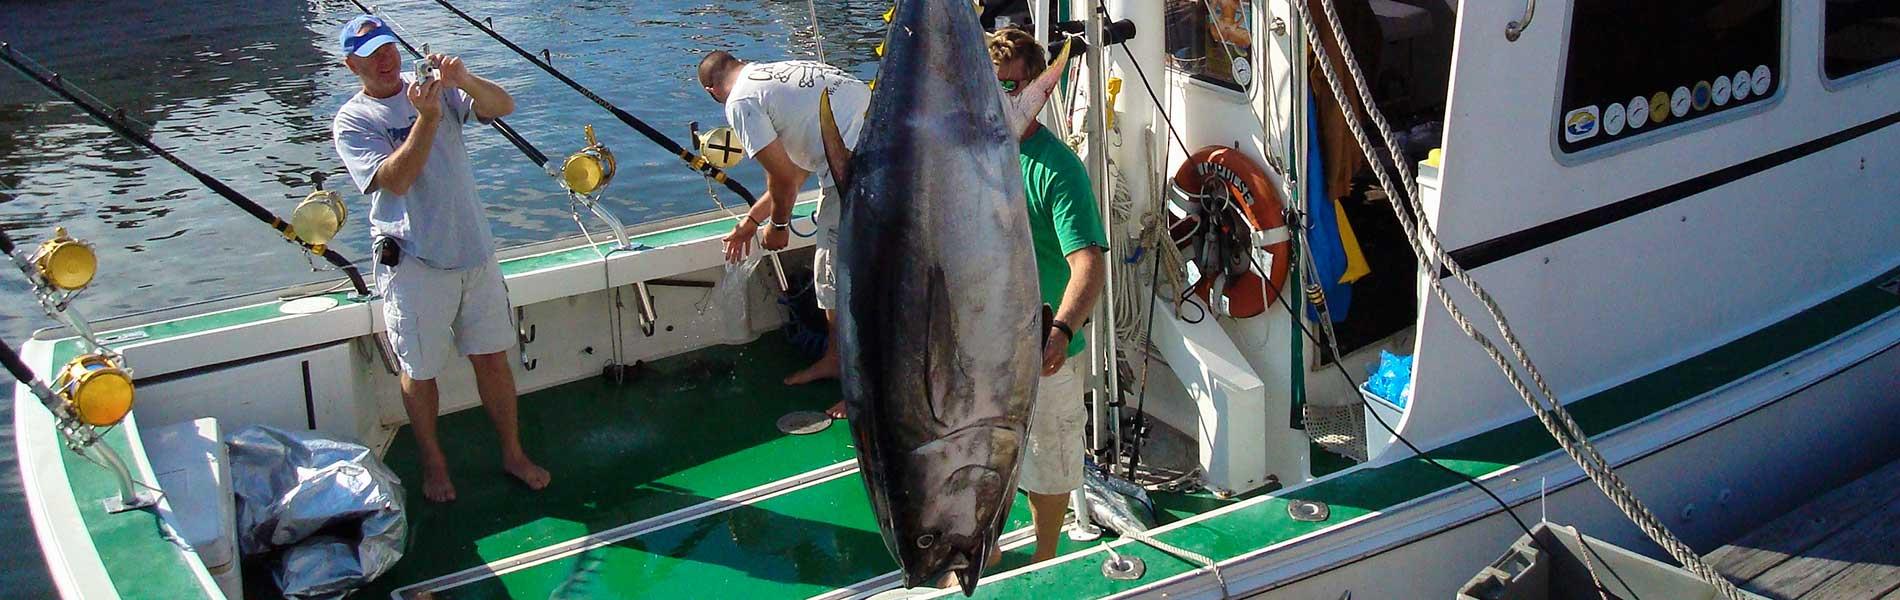 Offloading a big Bluefin tuna.